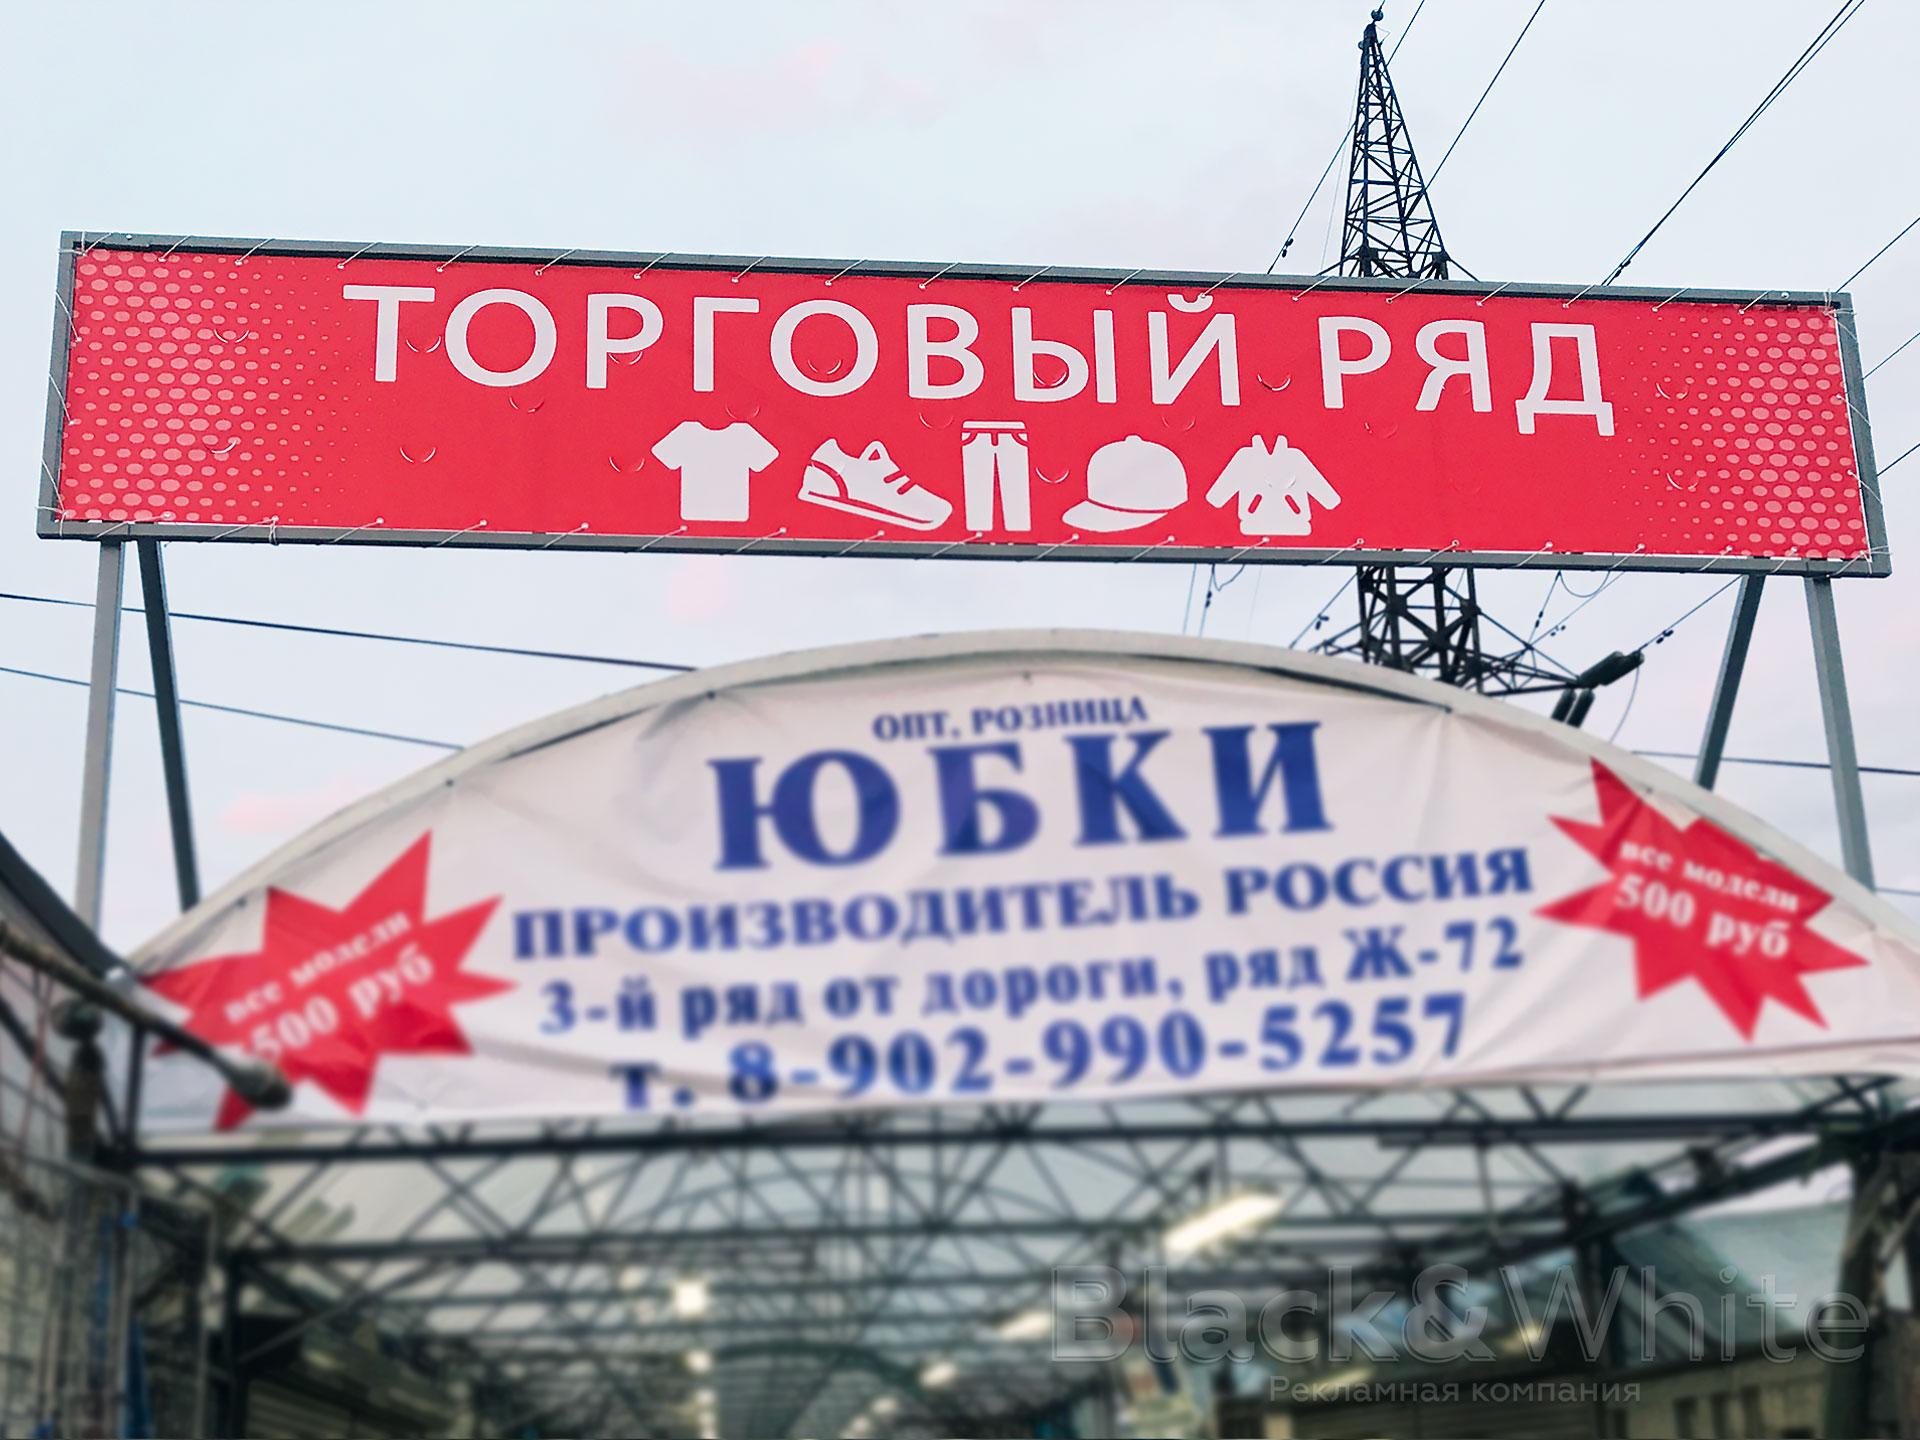 Печать-на-баннере-металлокаркас-в-Красноярске.jpg